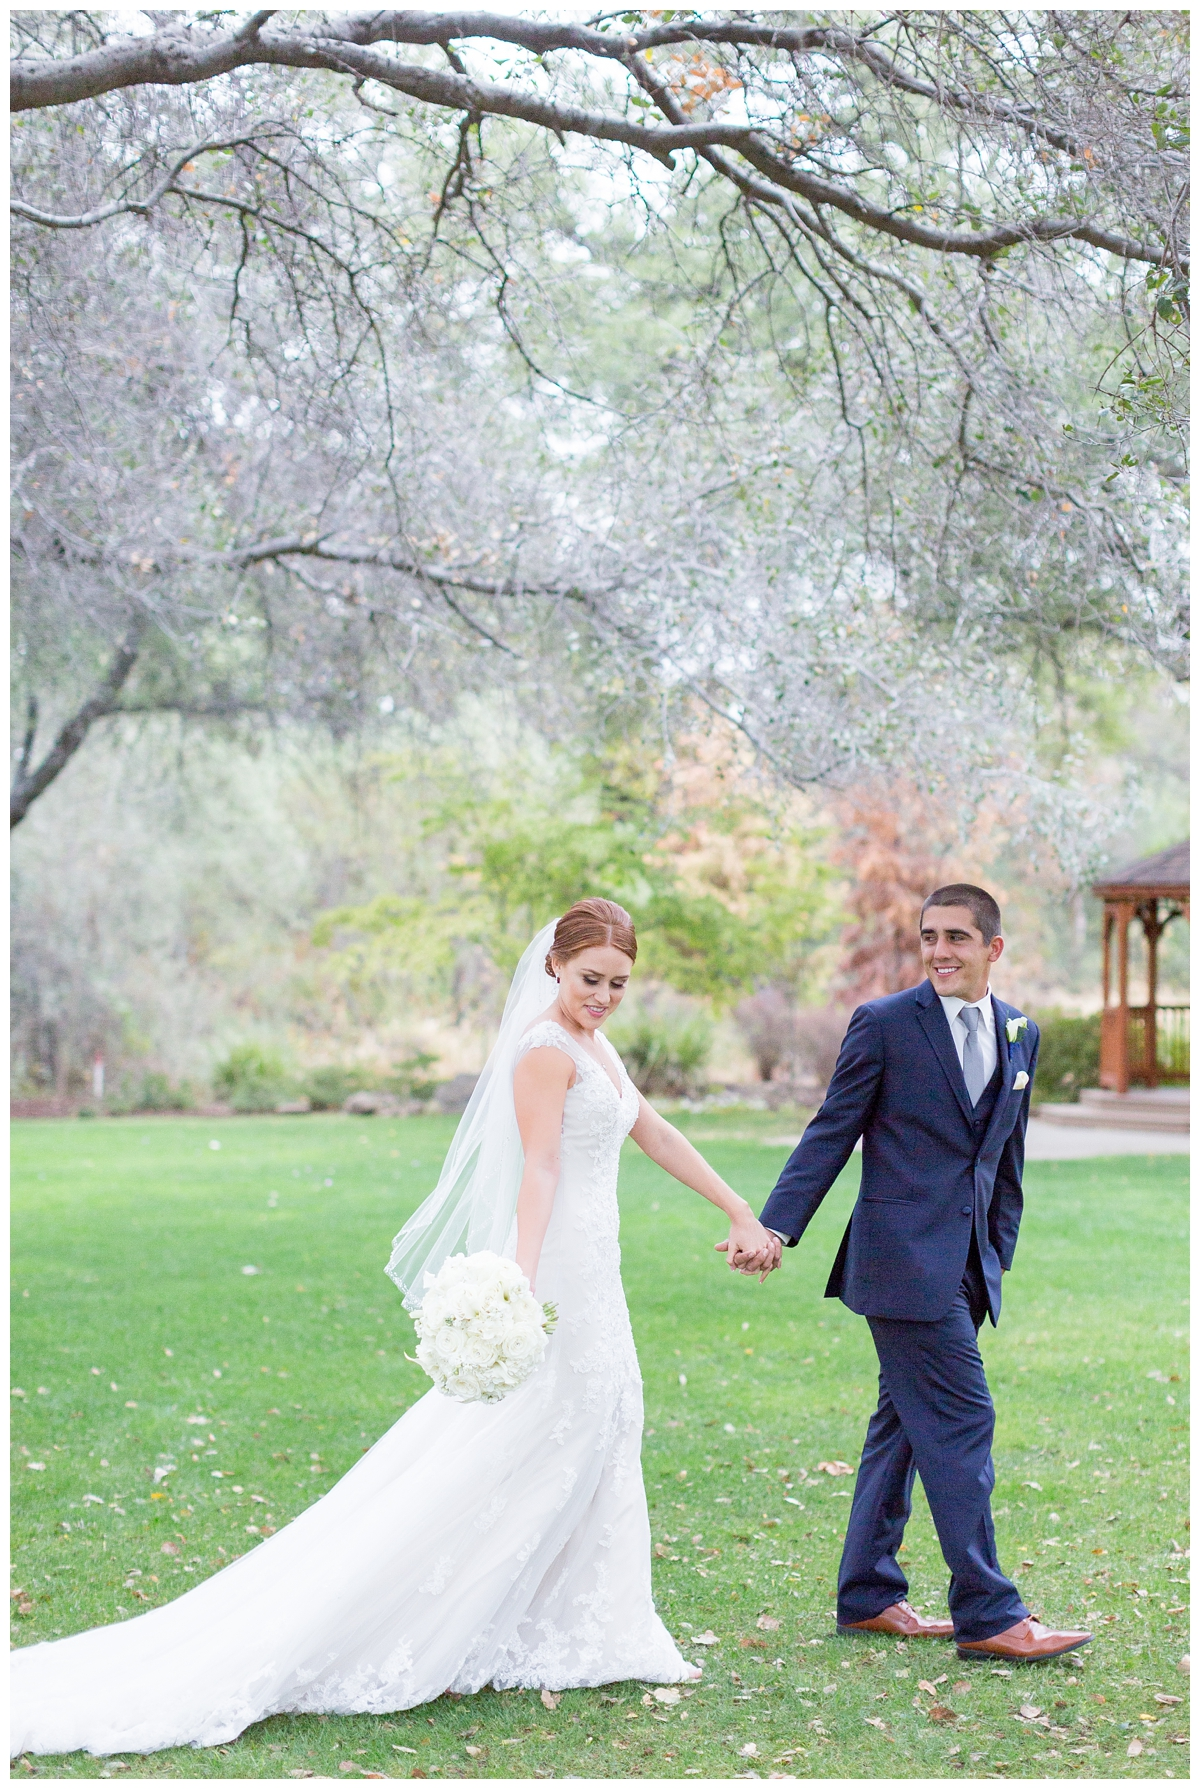 Canyon-Oaks-Country-Club-Wedding-Photos_2895.jpg